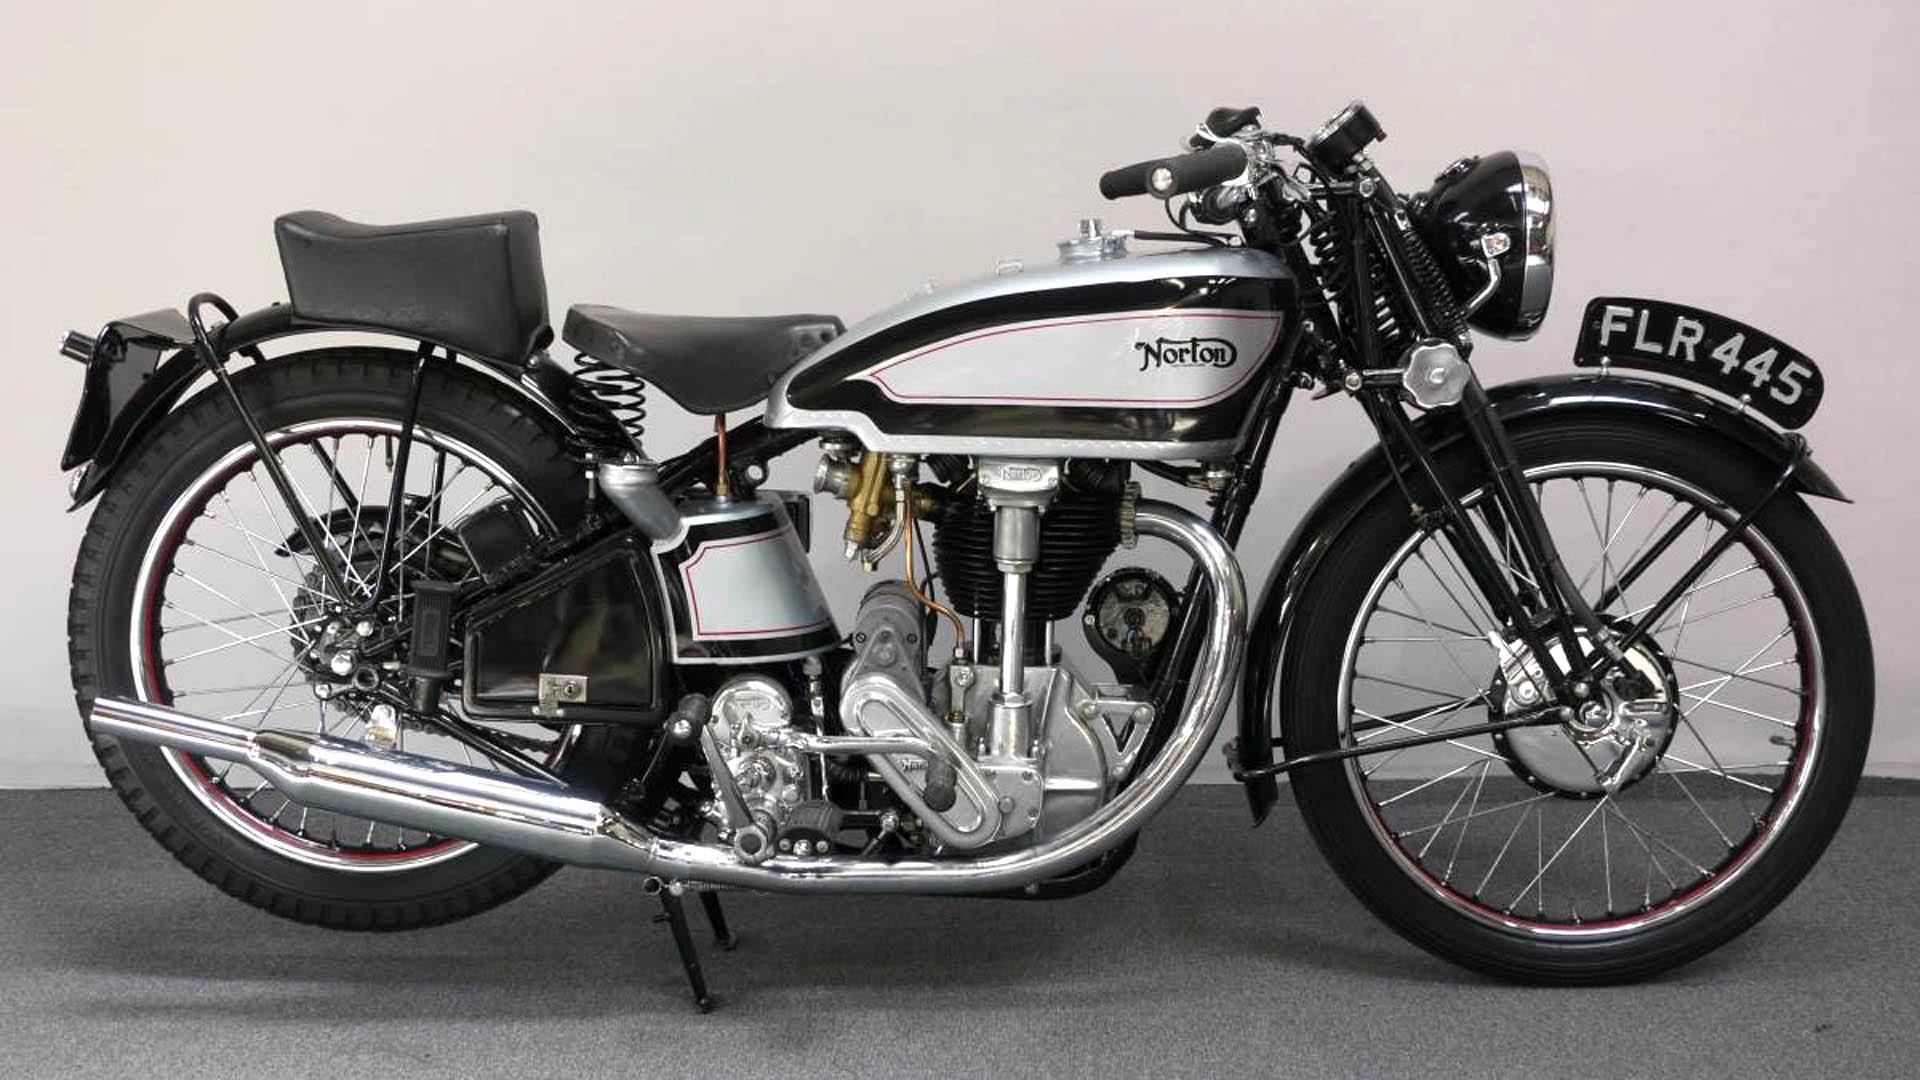 Moto del día: Norton International